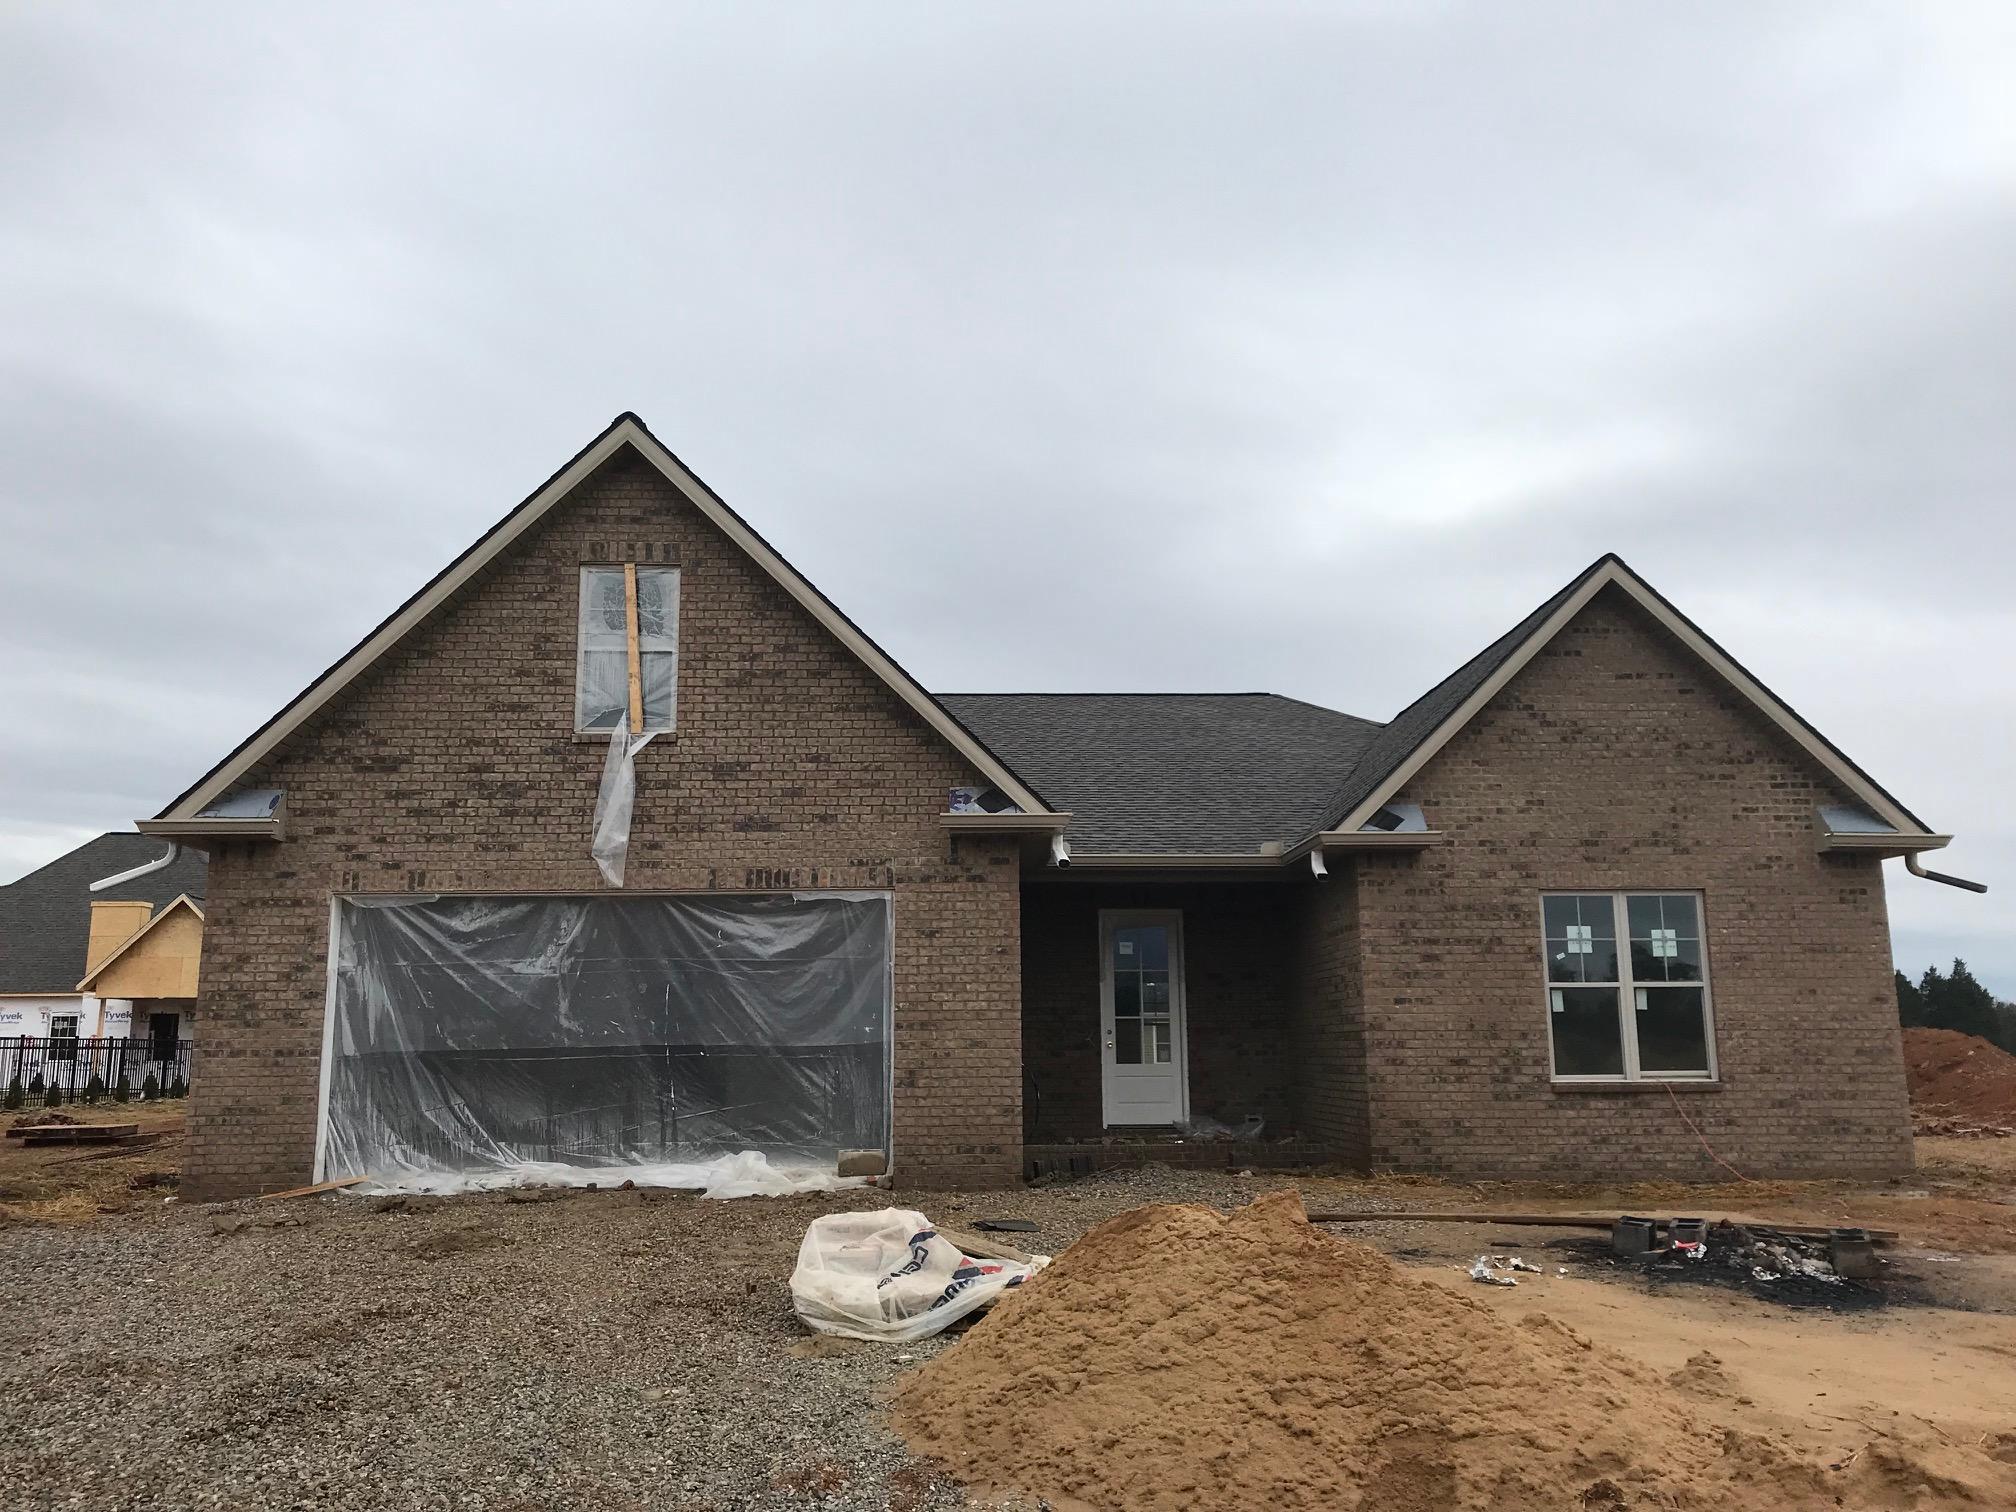 Частный односемейный дом для того Продажа на 5185 Aspen Avenue 5185 Aspen Avenue Morristown, Теннесси 37813 Соединенные Штаты